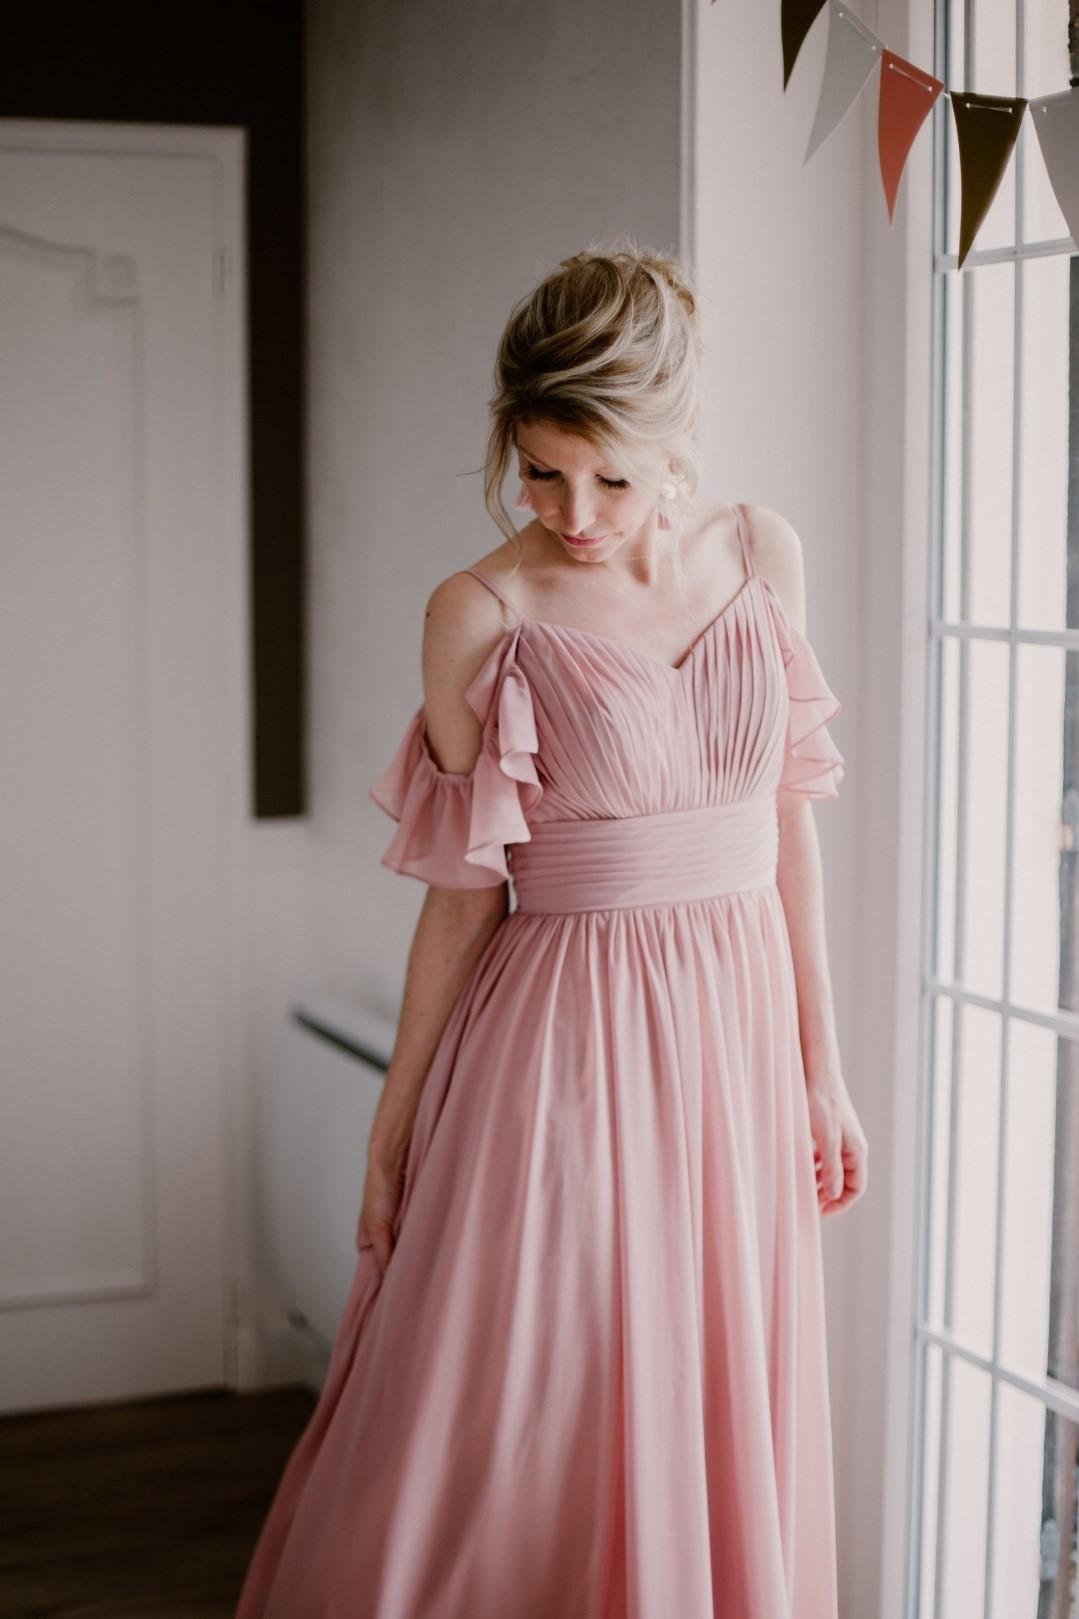 JJsHouse Real Wedding — Anthony & Lindsay   The Fashion Blog ...